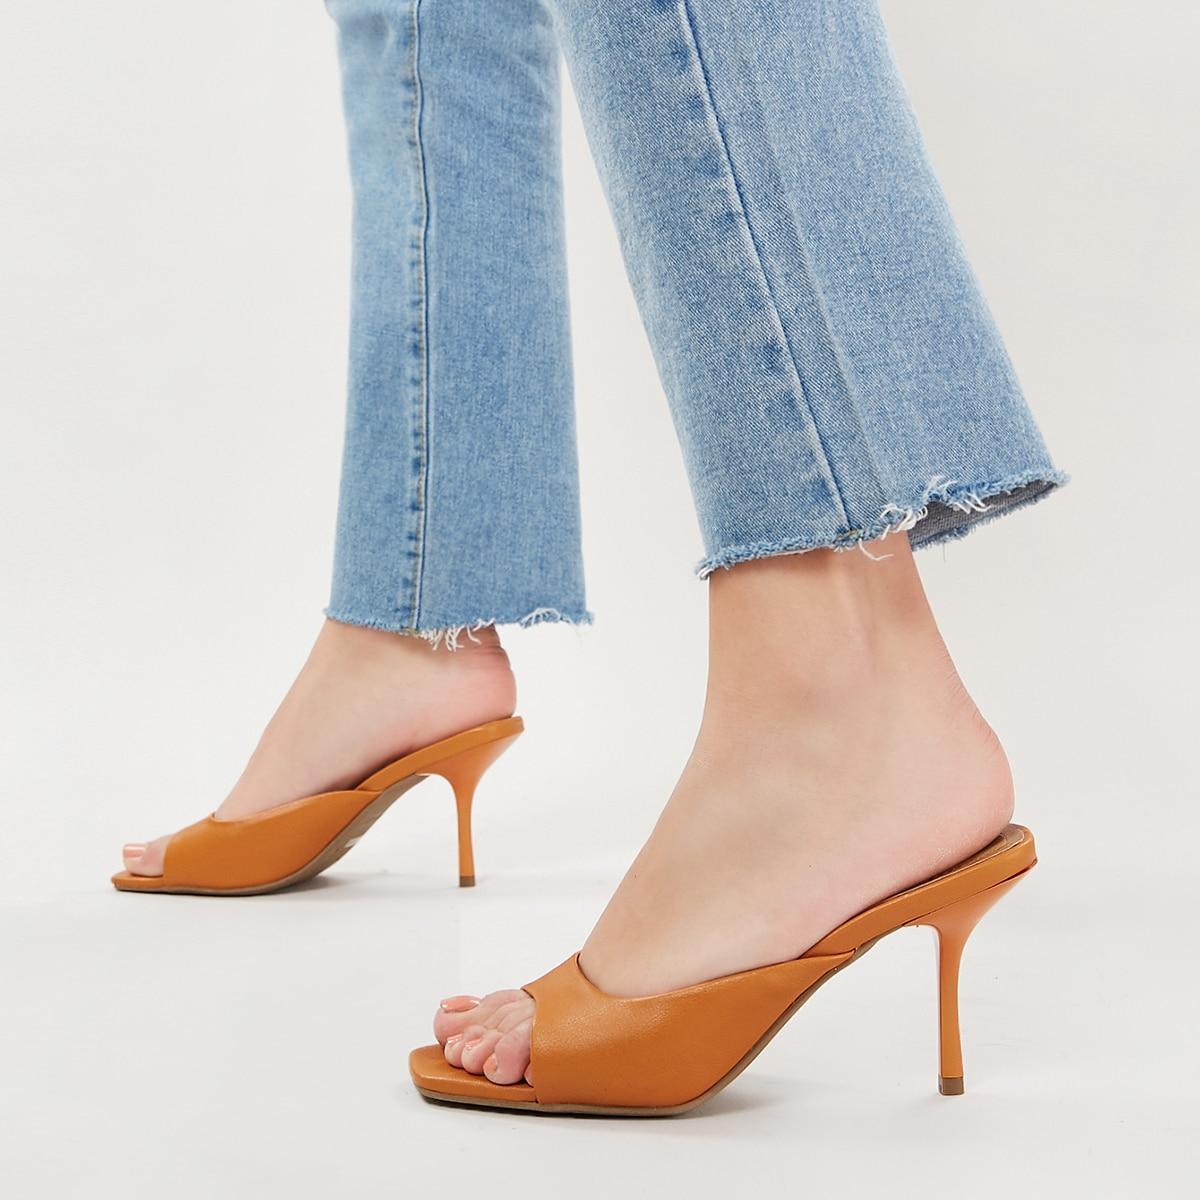 Сандалии на высоких каблуках